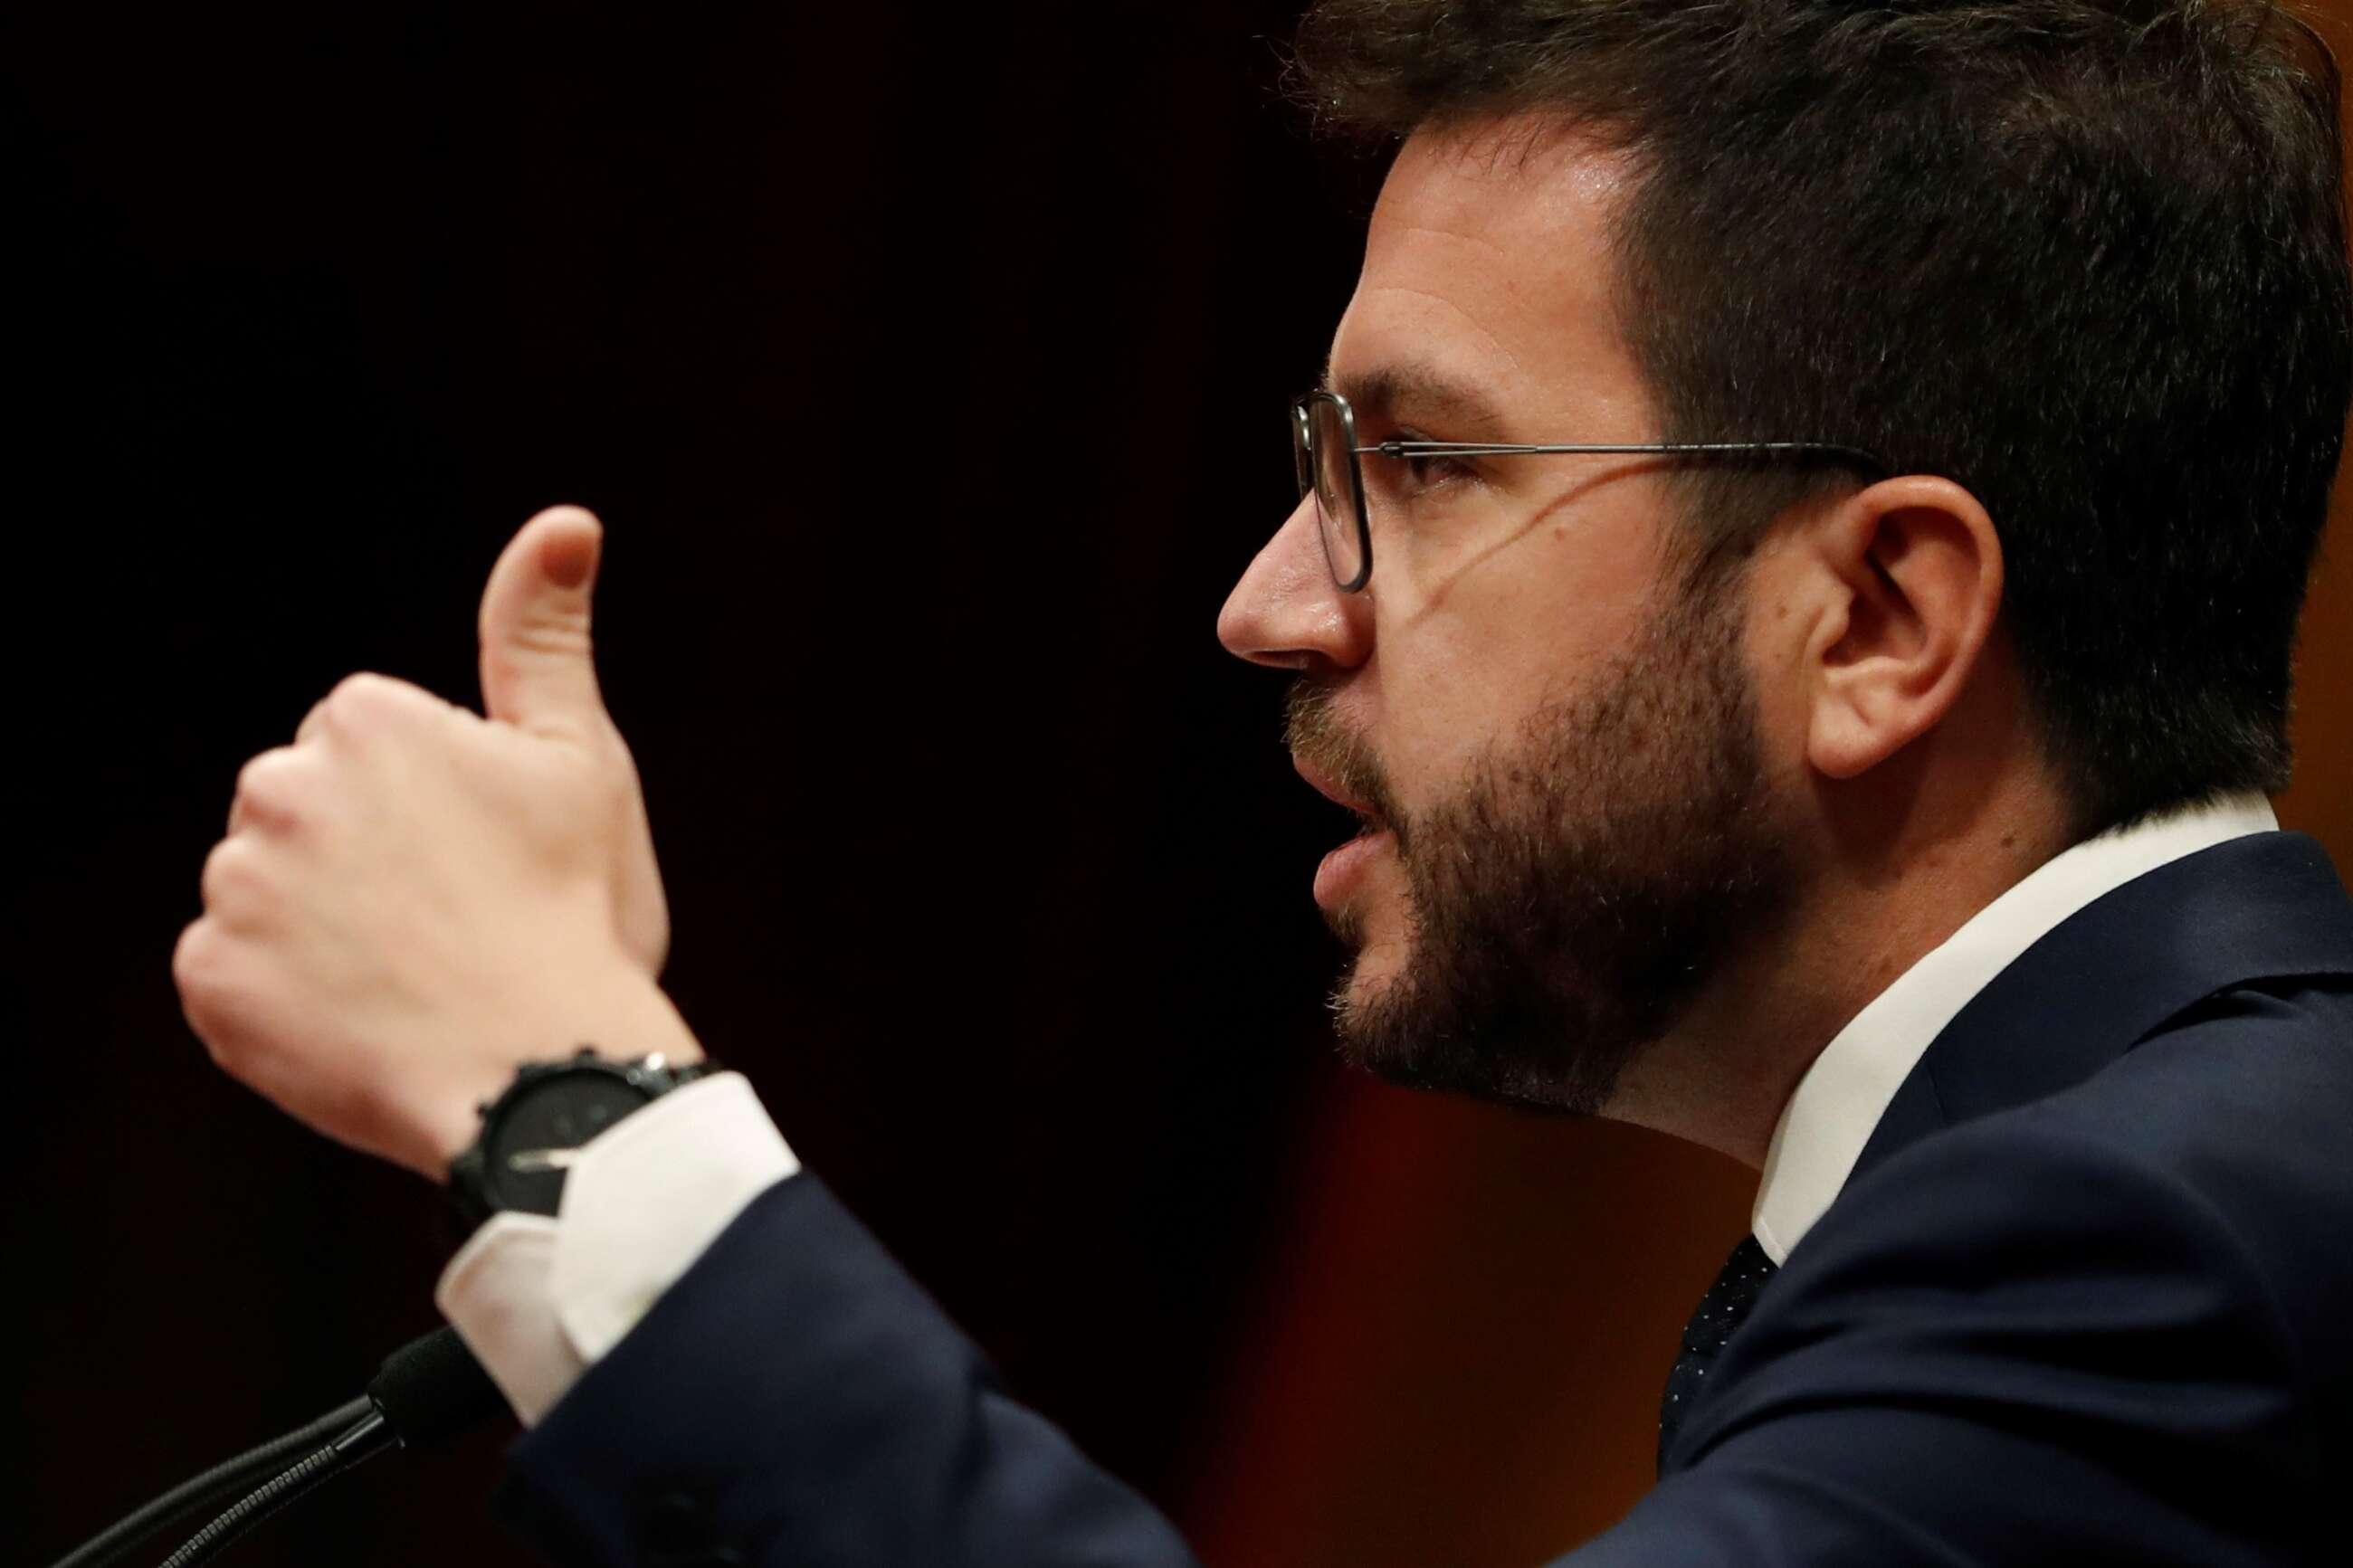 El candidato de ERC a la presidencia de la Generalitat, Pere Aragonès, durante su intervención en la primera jornada del debate de su investidura en el Parlament de Cataluña. EFE/Alberto Estévez/POOL